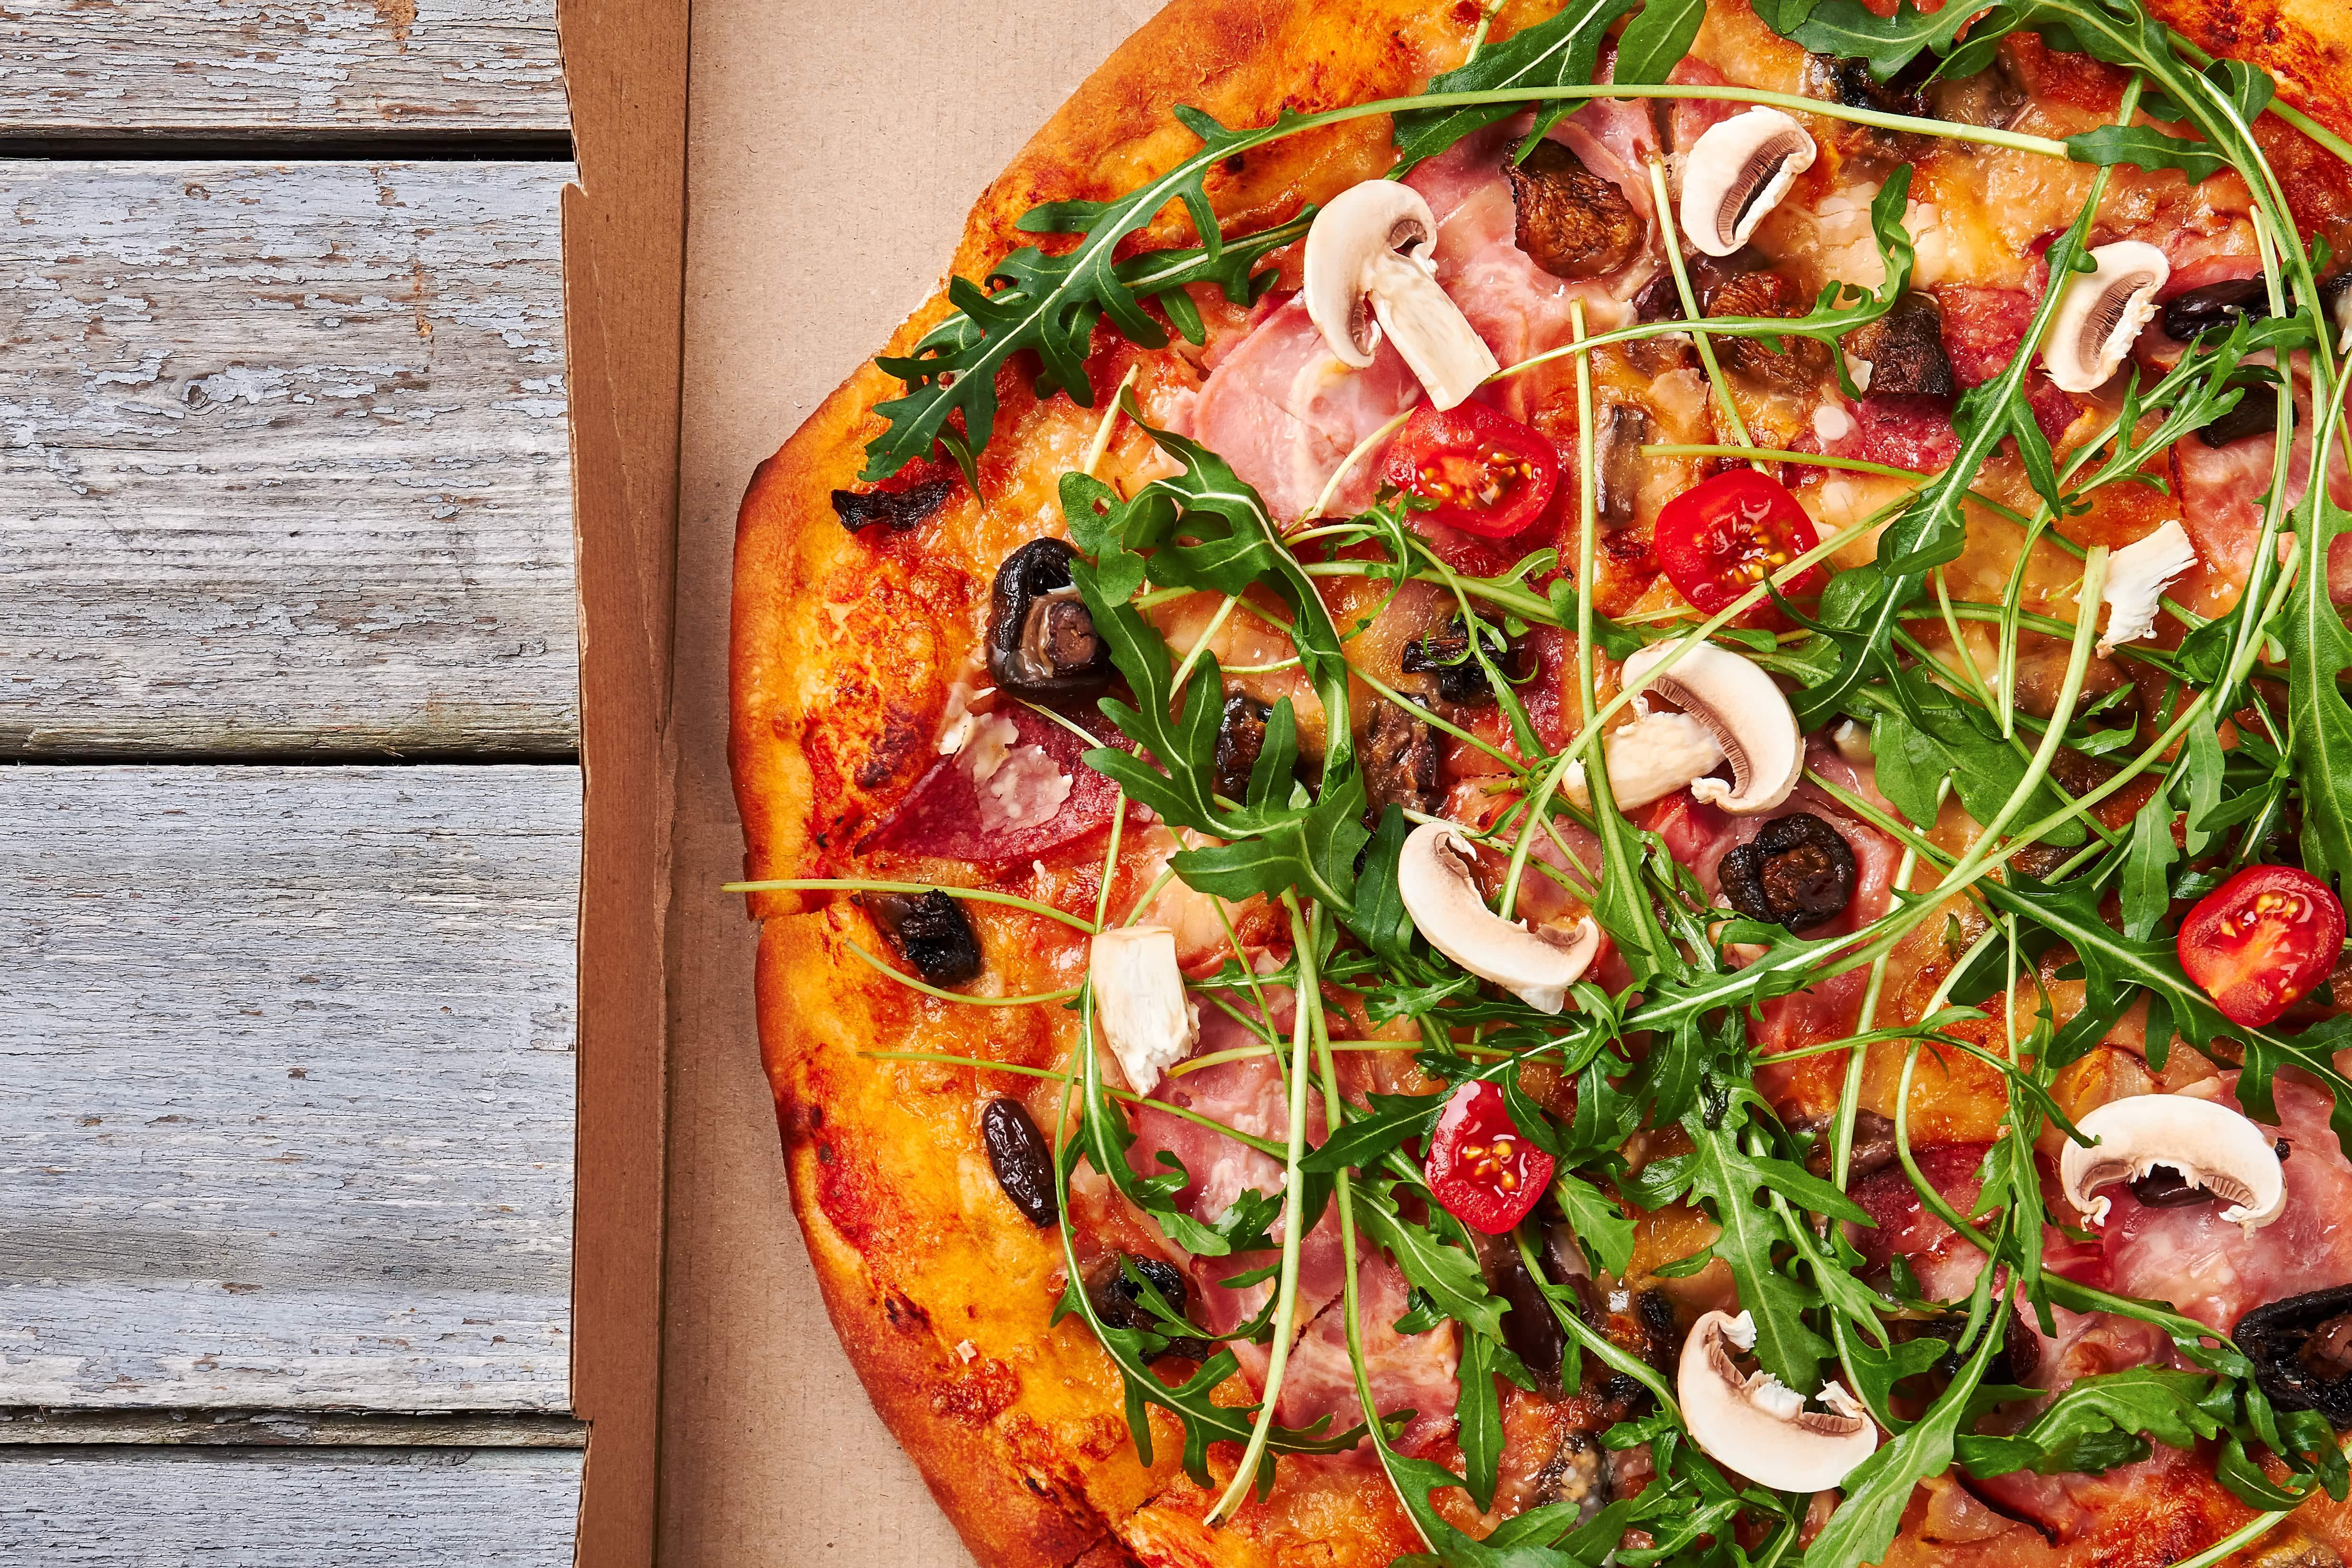 Varmista take away -ruokien elintarviketurvallisuus kotiinkuljetuksissa